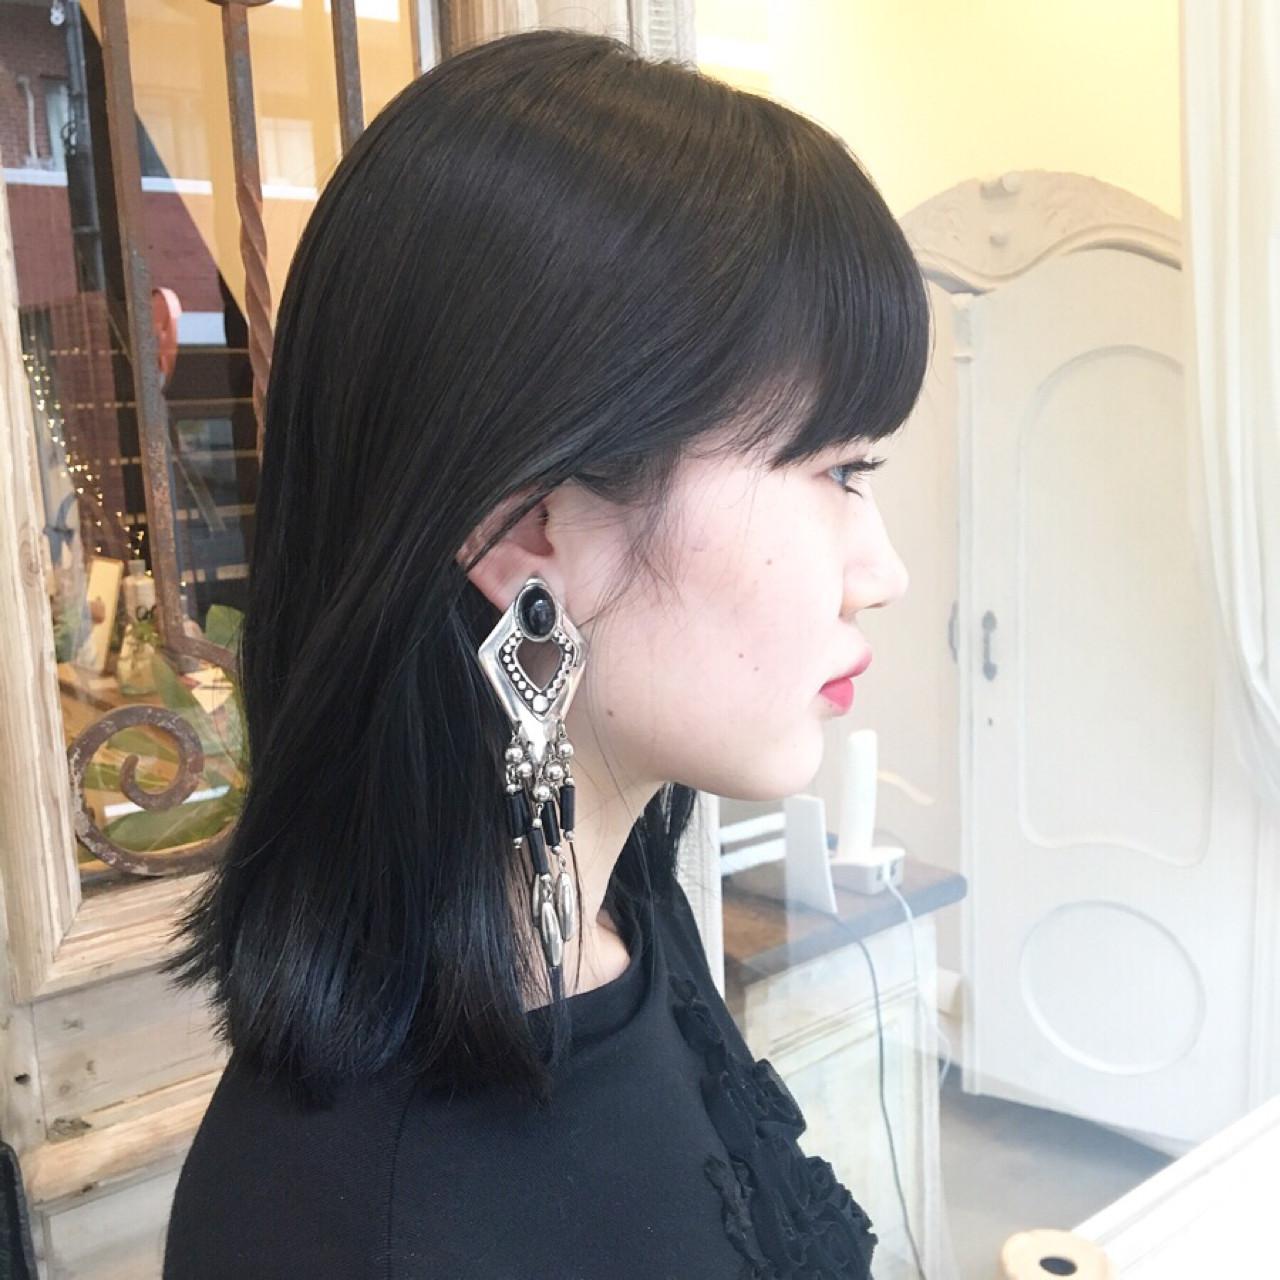 モード ミディアム ブルーブラック ボブ ヘアスタイルや髪型の写真・画像 | 西上絵里沙 / femme atelier